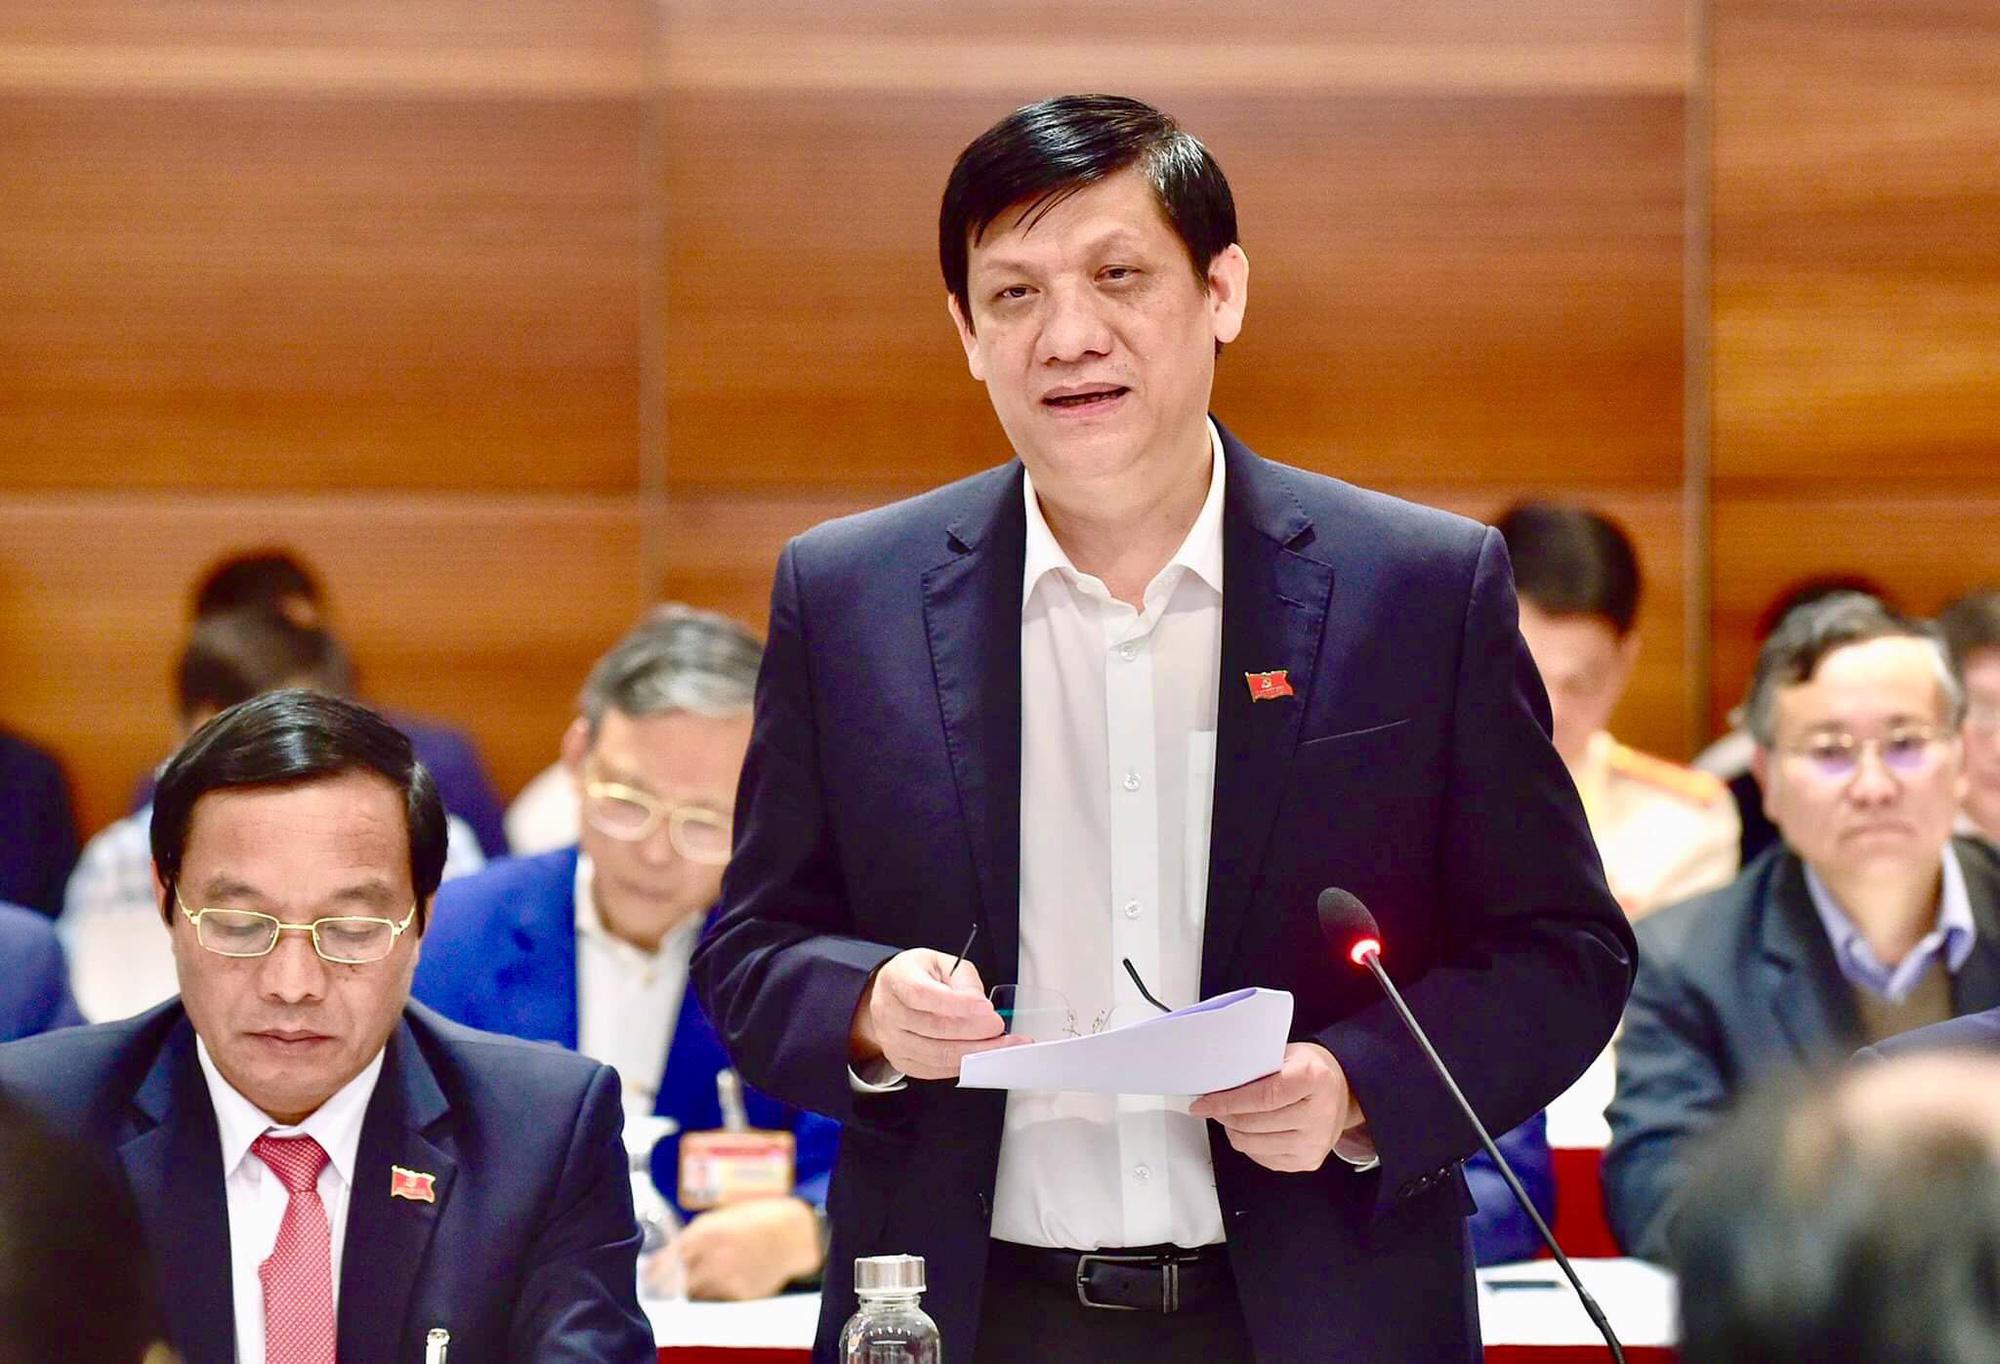 Việt Nam cấp phép lưu hành cho vắc xin phòng Covid-19 đầu tiên - Ảnh 1.